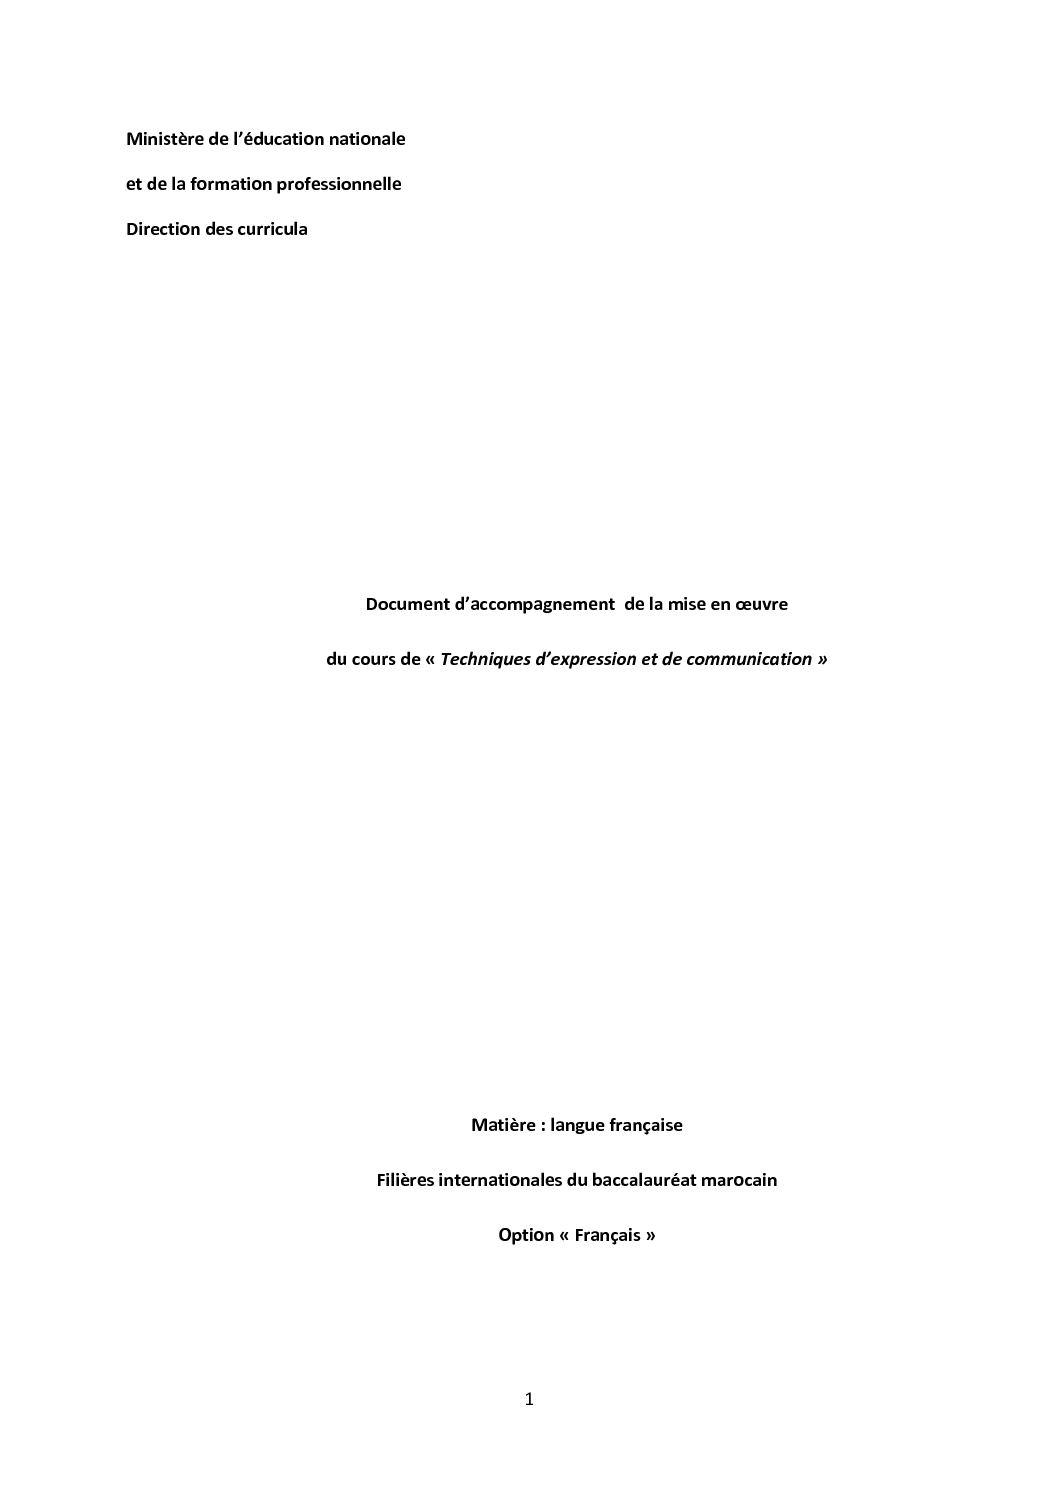 Document Accompagnement De La Mise En Oeuvre Du Cours De Tec Dans Les S Internationales Au Maroc